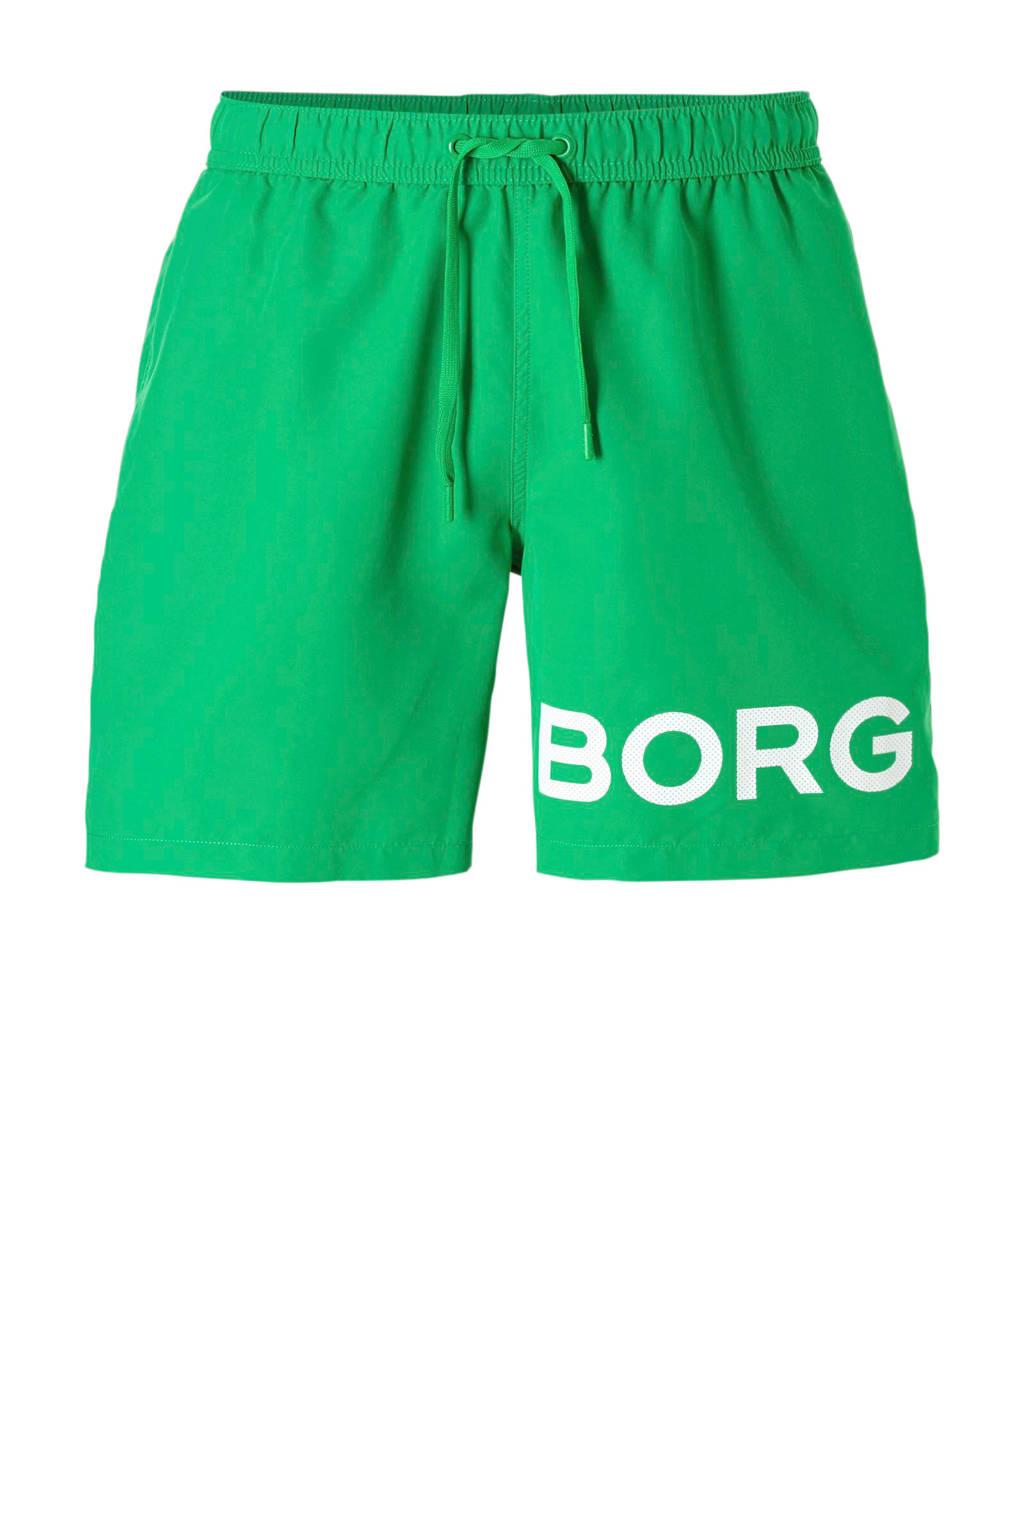 Björn Borg zwemshort met logo groen, Groen